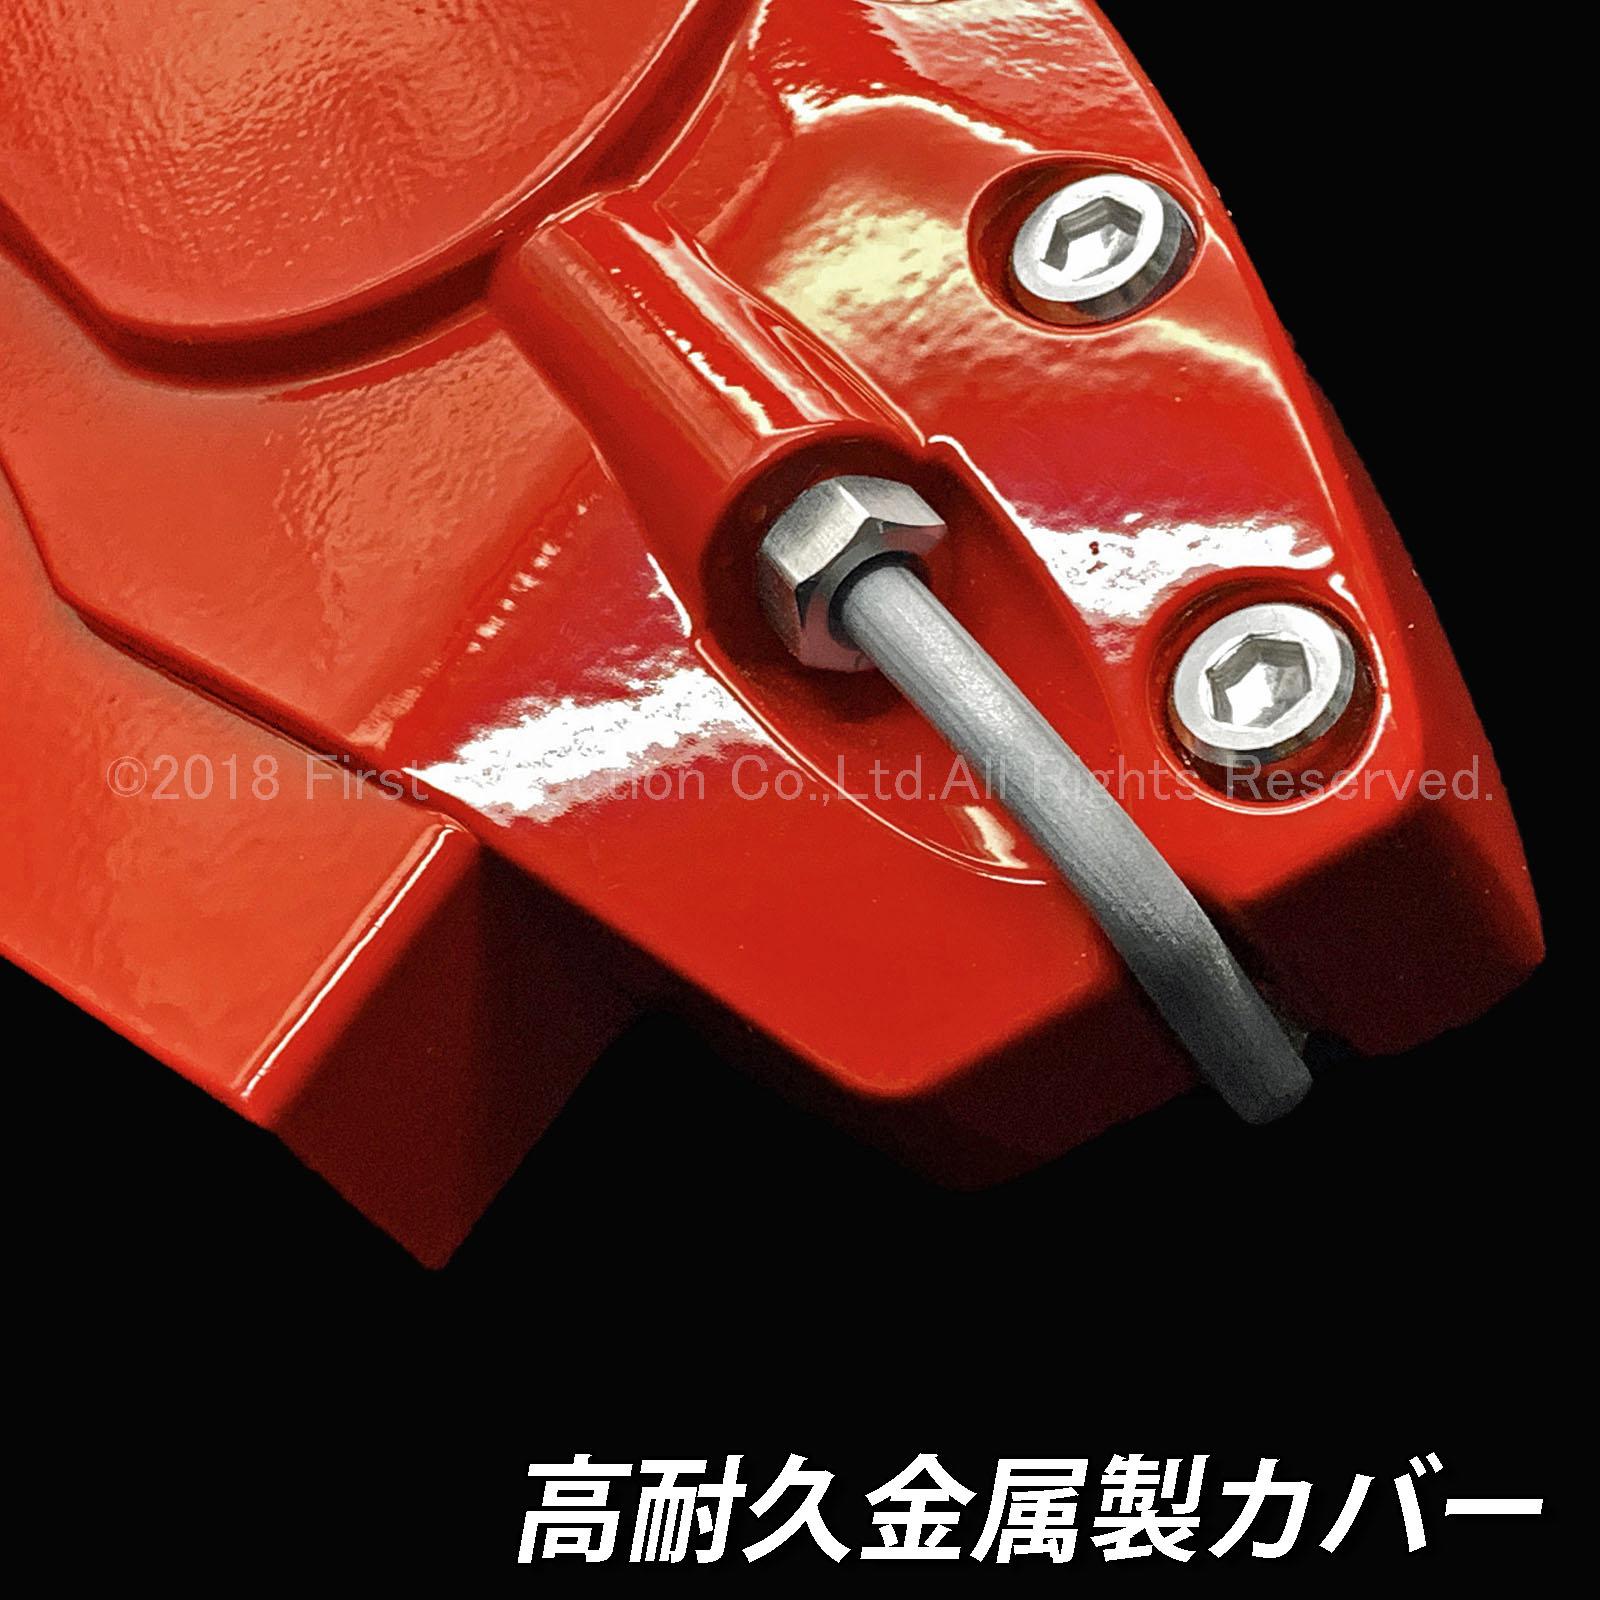 トヨタ車 CAMRYロゴ銀文字 カムリ70系用 高耐久金属製キャリパーカバーセット赤 WS G X AXVH70 AXVH75